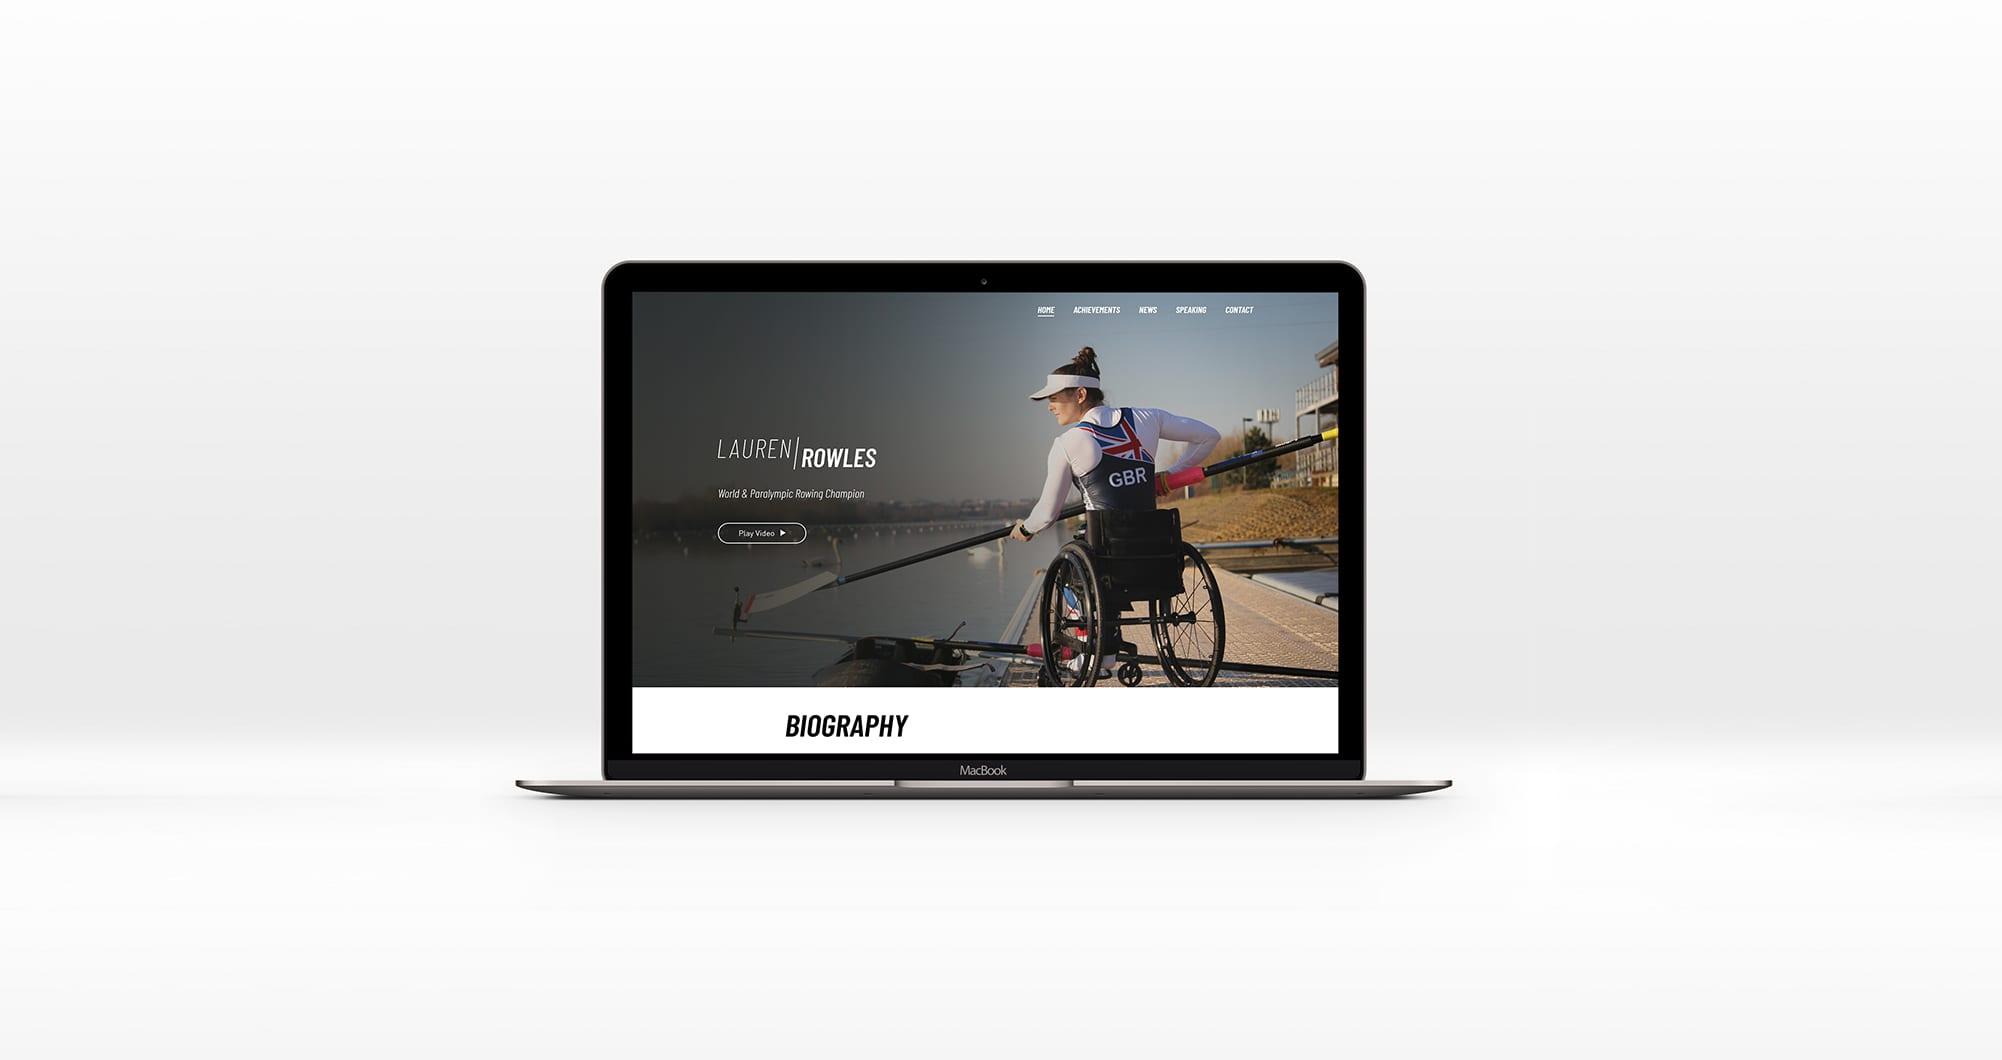 Lauren_Rowle website